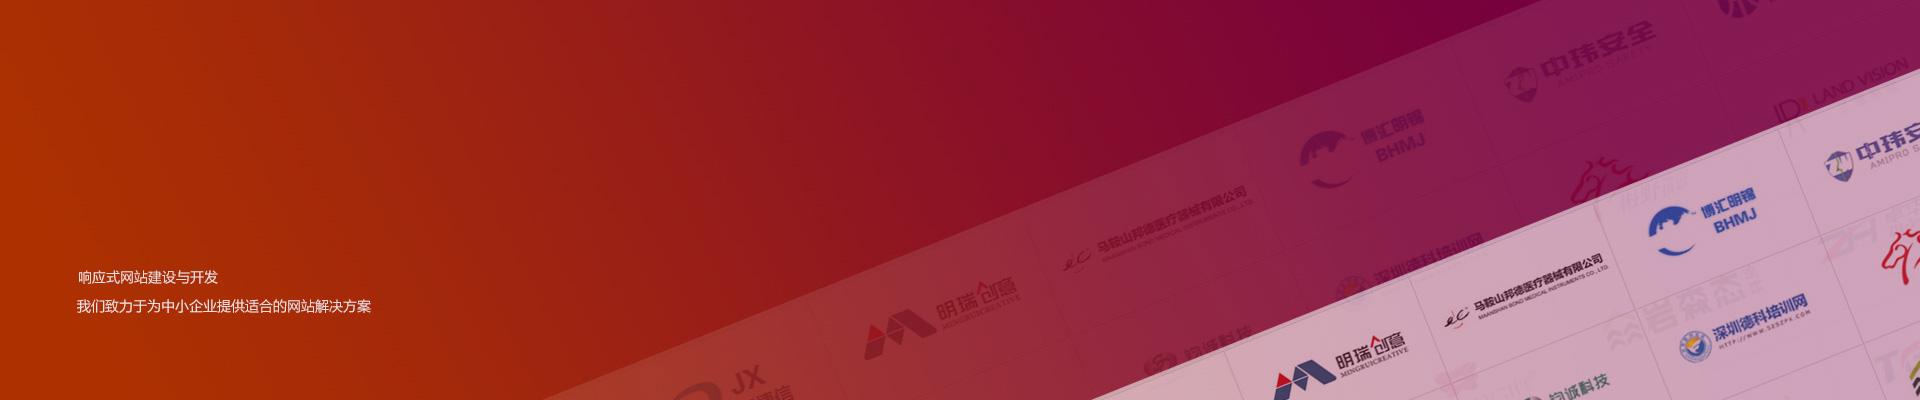 深圳外贸网站建设,深圳网站制作